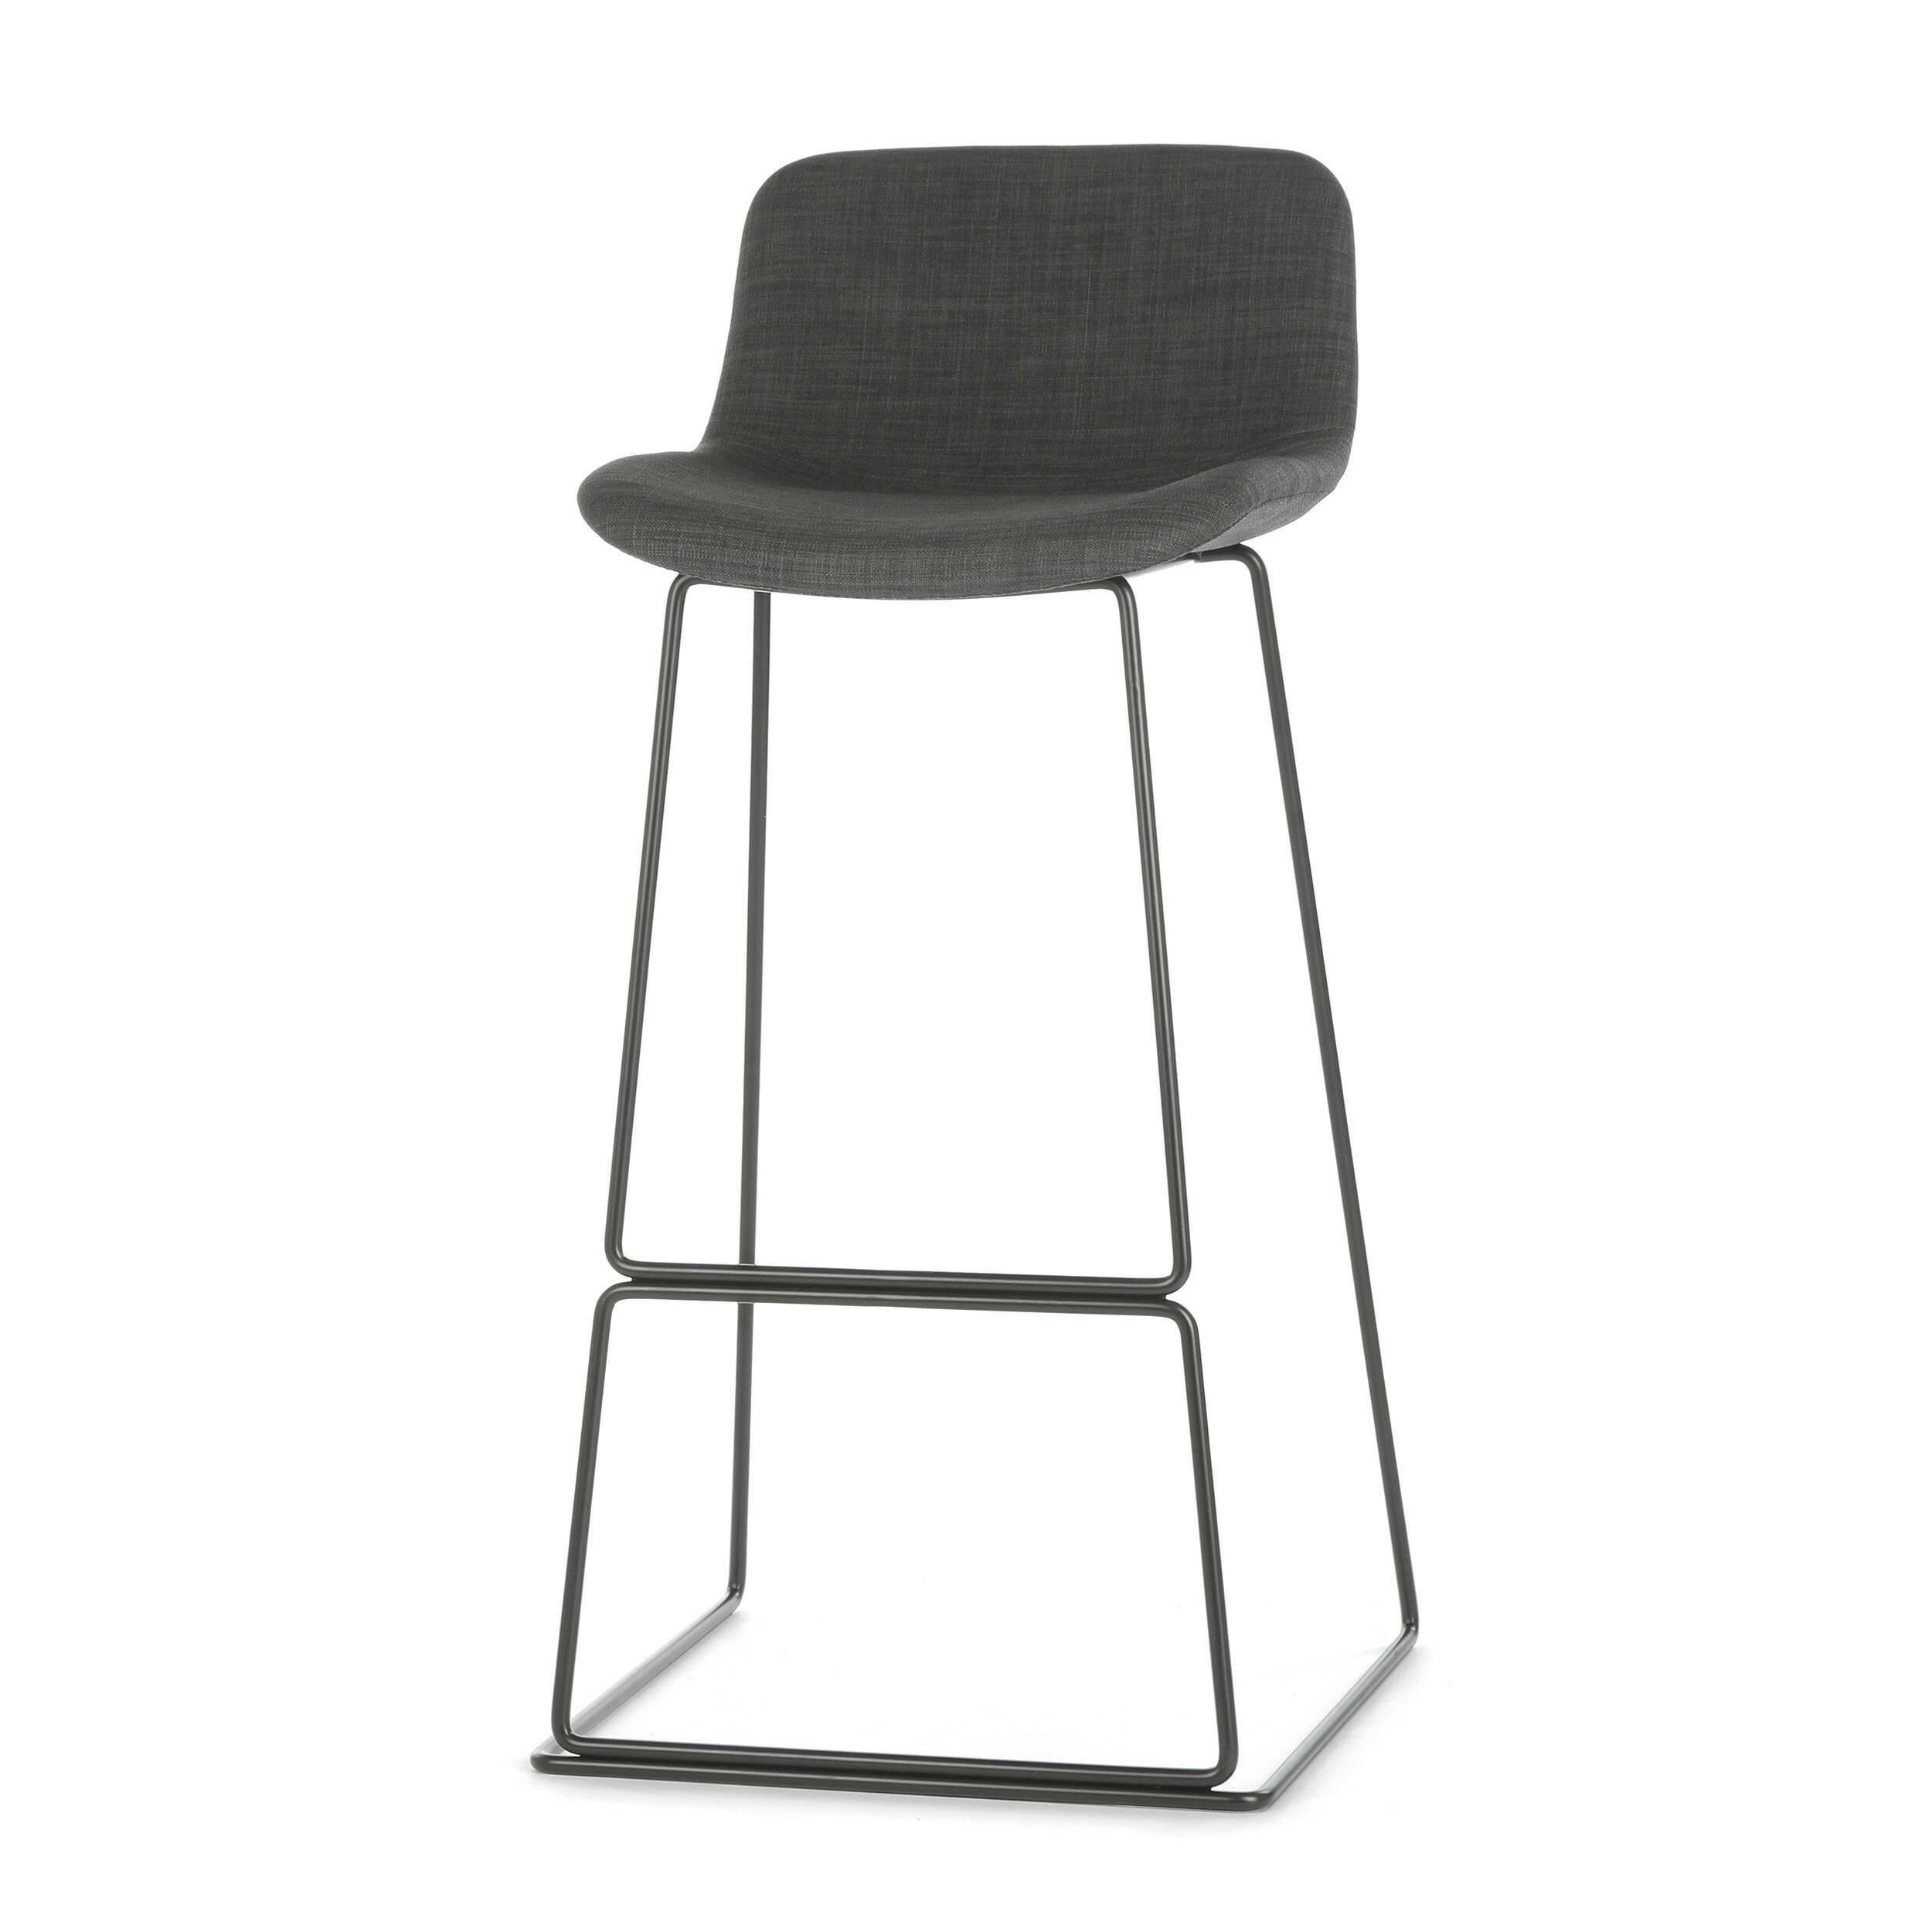 Барный стул Neo с мягкой обивкойБарные<br>Дизайнерский высокий барный стул Neo (Нео) с мягкой обивкой на стальных ножках от Cosmo (Космо). <br><br> Модель барного стула Neo с мягкой обивкой, основанная на оригинальных разработках шведского дизайнера Фредрика Маттсона, очаровывает с первого взгляда. Строение модели строго минималистичное. И в то же время универсальные цвета и геометрические формы со сглаженными углами замечательно впишутся в интерьерные композиции деревенского или конструктивного стиля, а также в некоторые интерпретации ...<br><br>stock: 37<br>Высота: 100<br>Высота сиденья: 76<br>Ширина: 48<br>Глубина: 49<br>Цвет ножек: Черный<br>Цвет сидения: Темно-серый<br>Тип материала сидения: Ткань<br>Тип материала ножек: Сталь